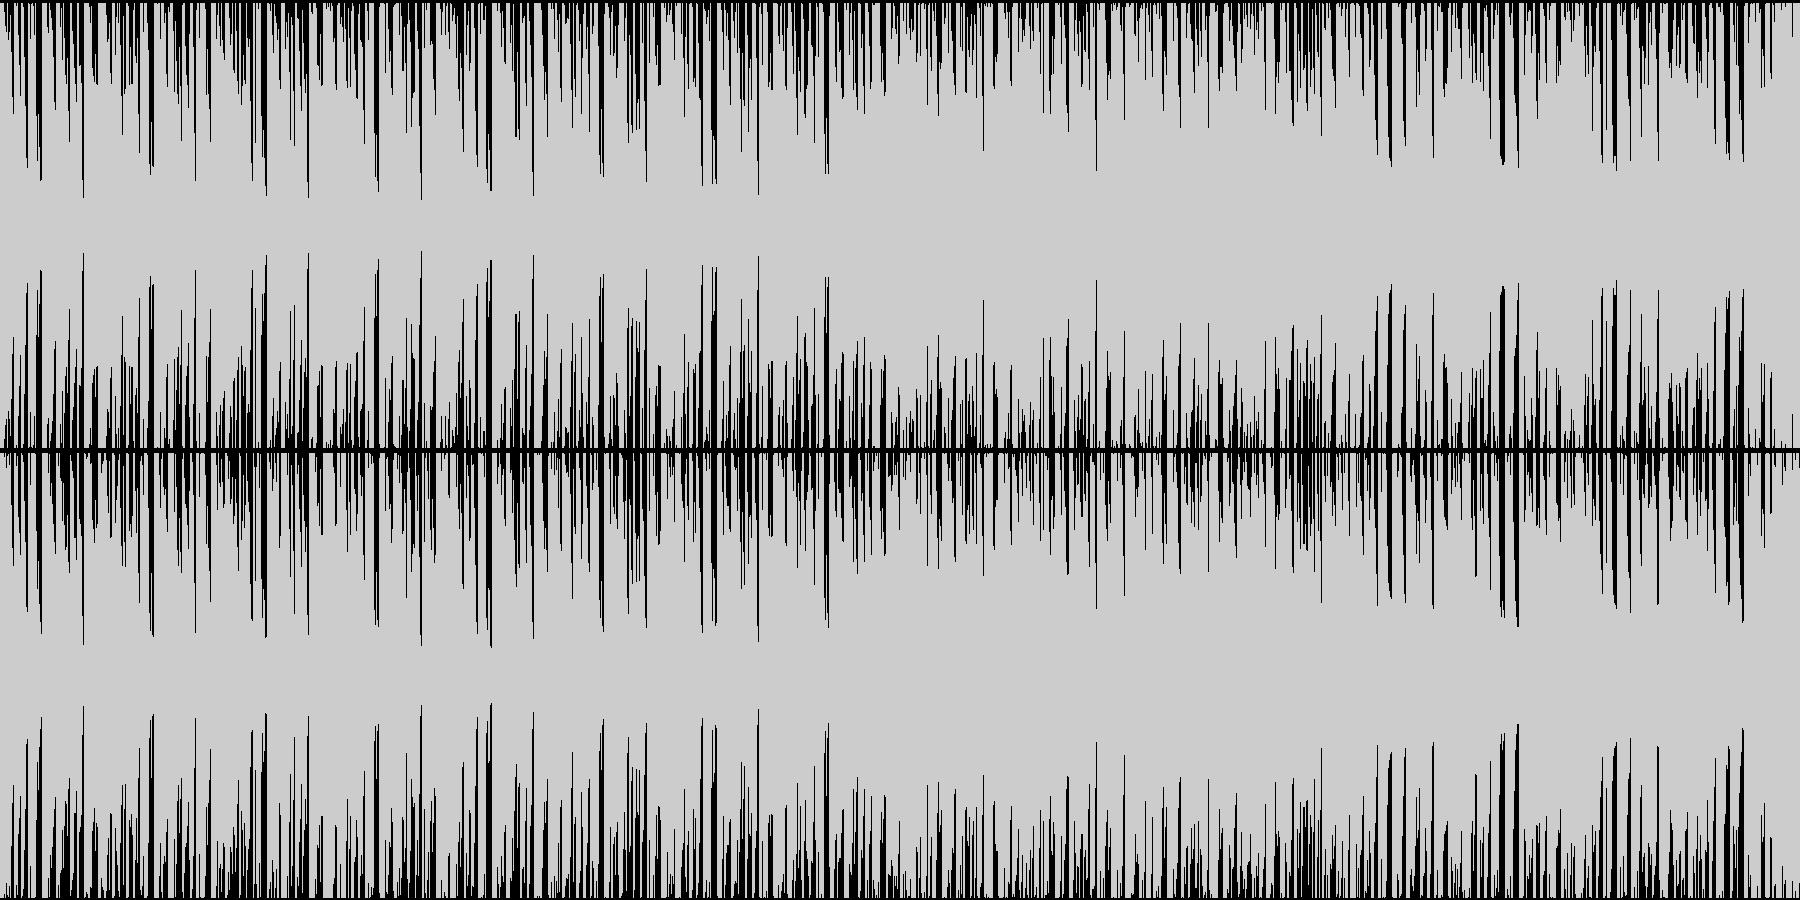 緊迫感のあるエレクトロニックなループの未再生の波形